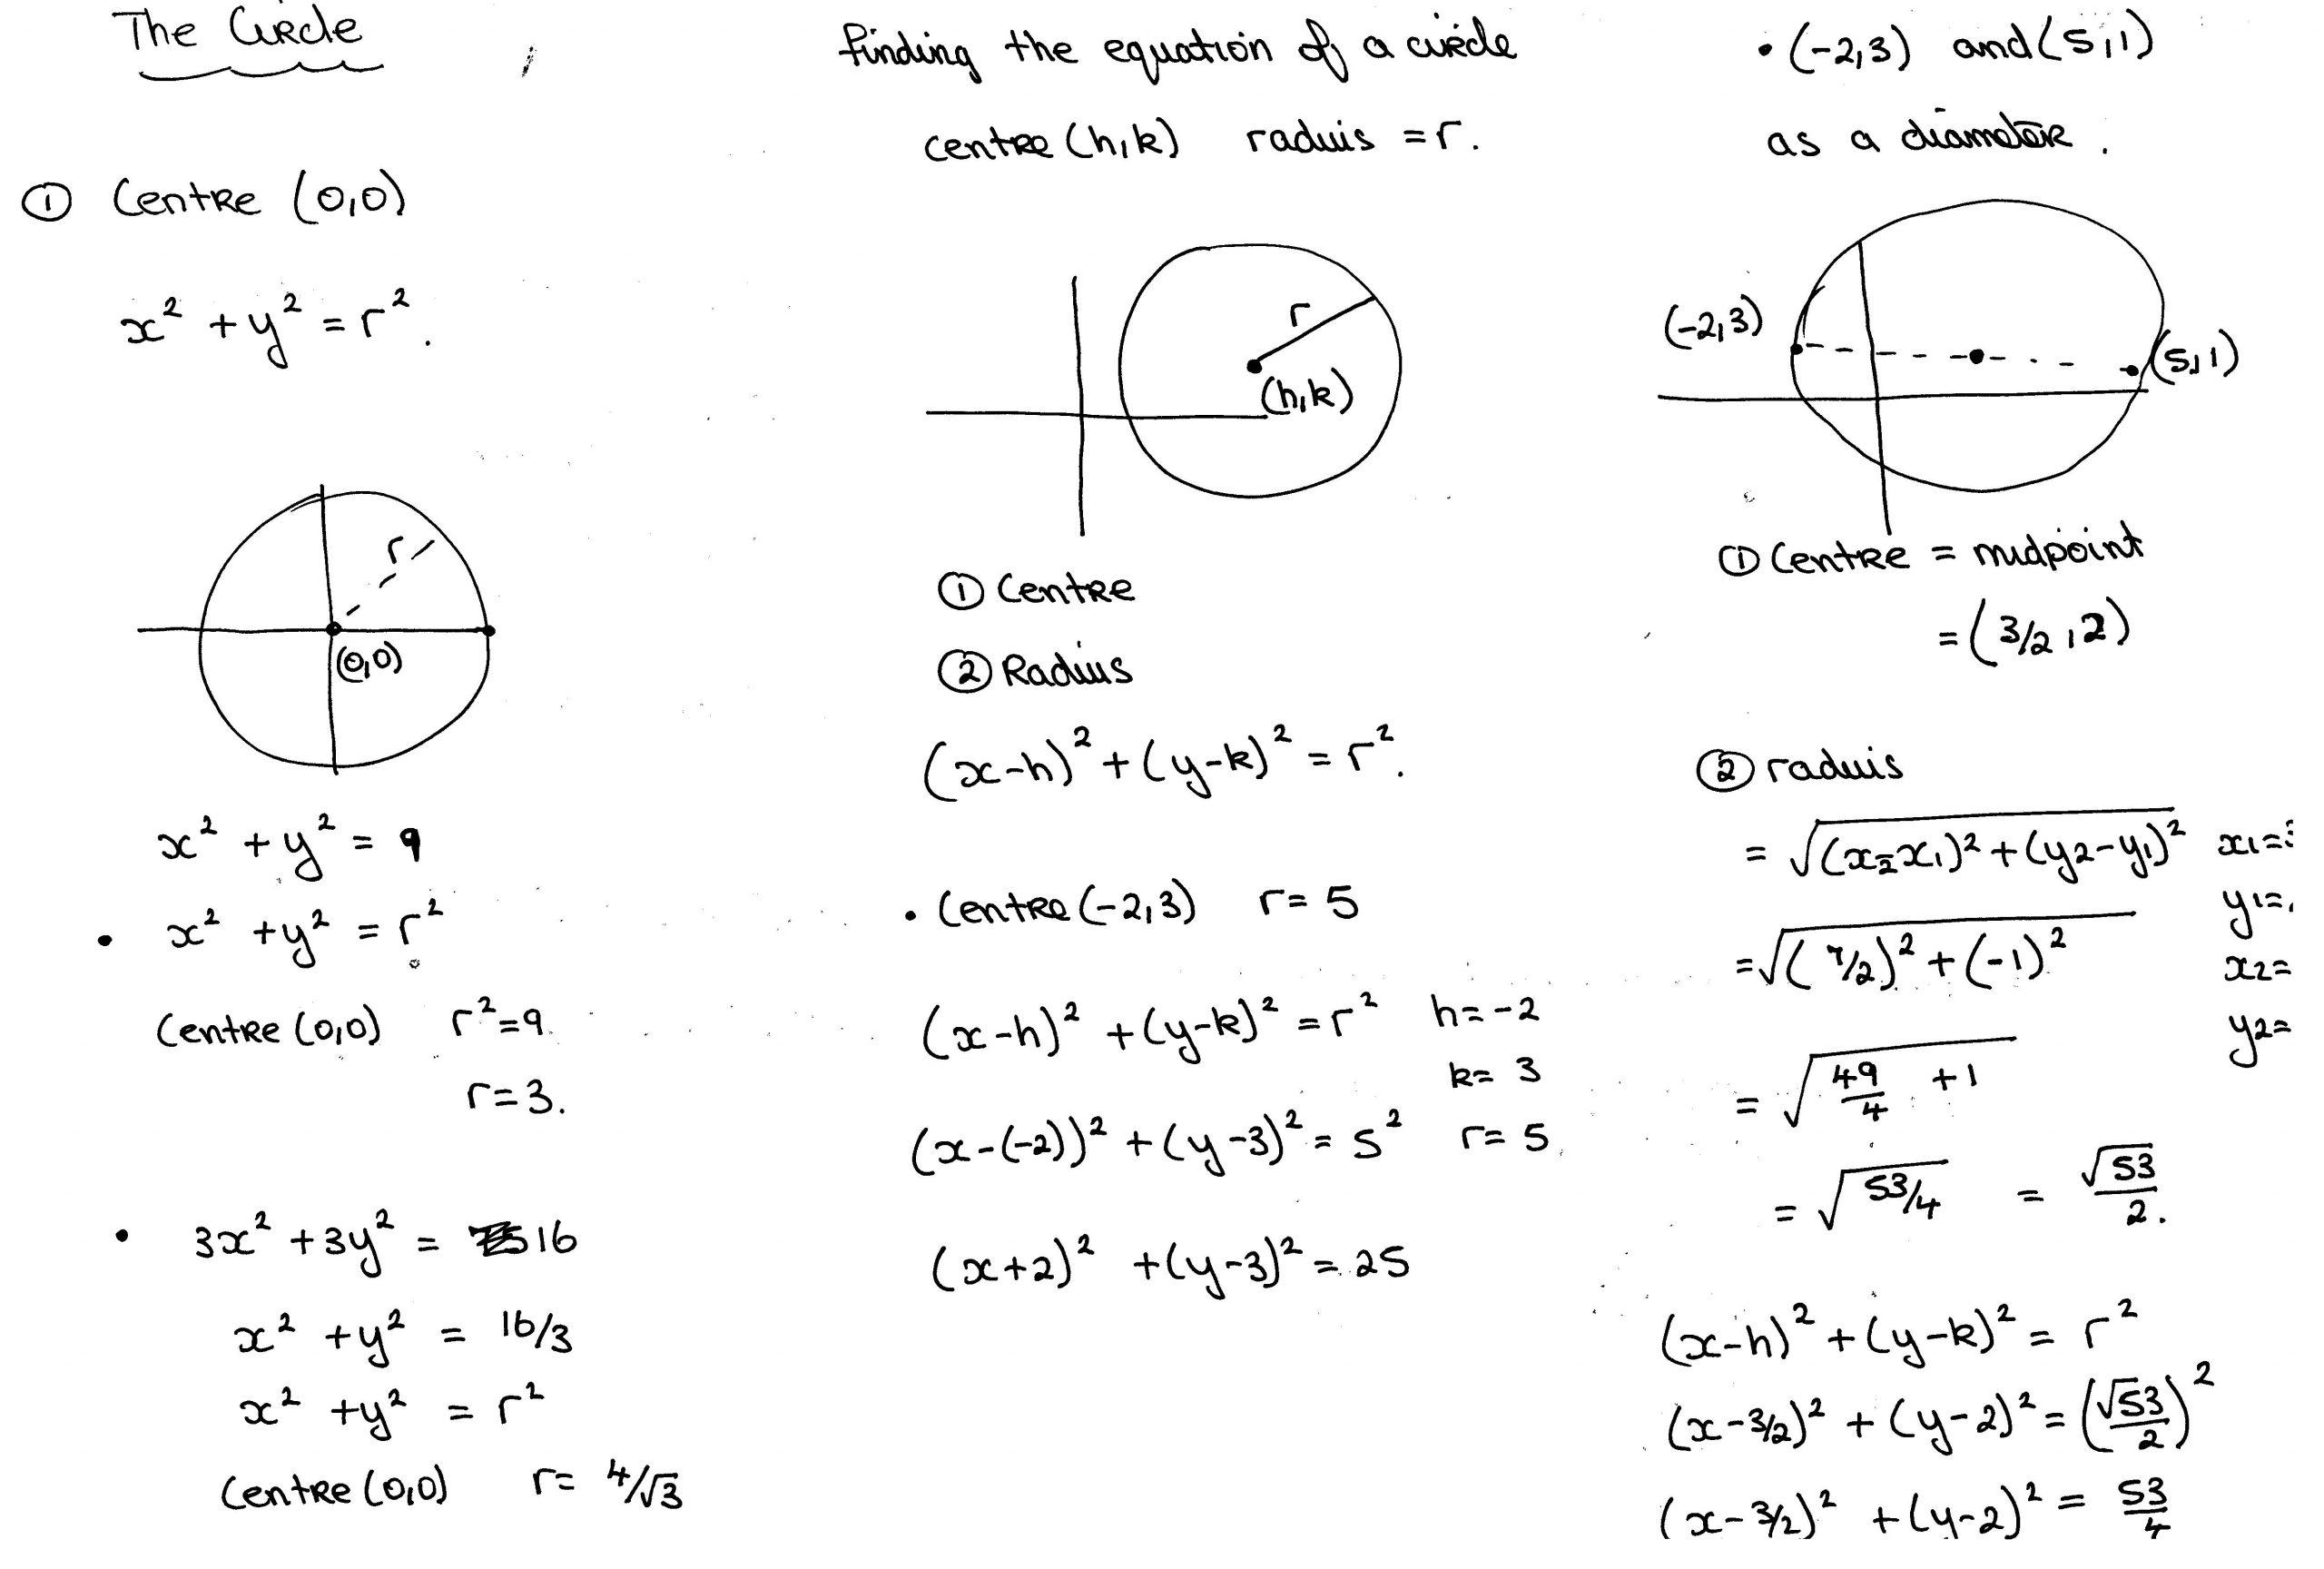 Algebra Worksheets Leaving Cert 3